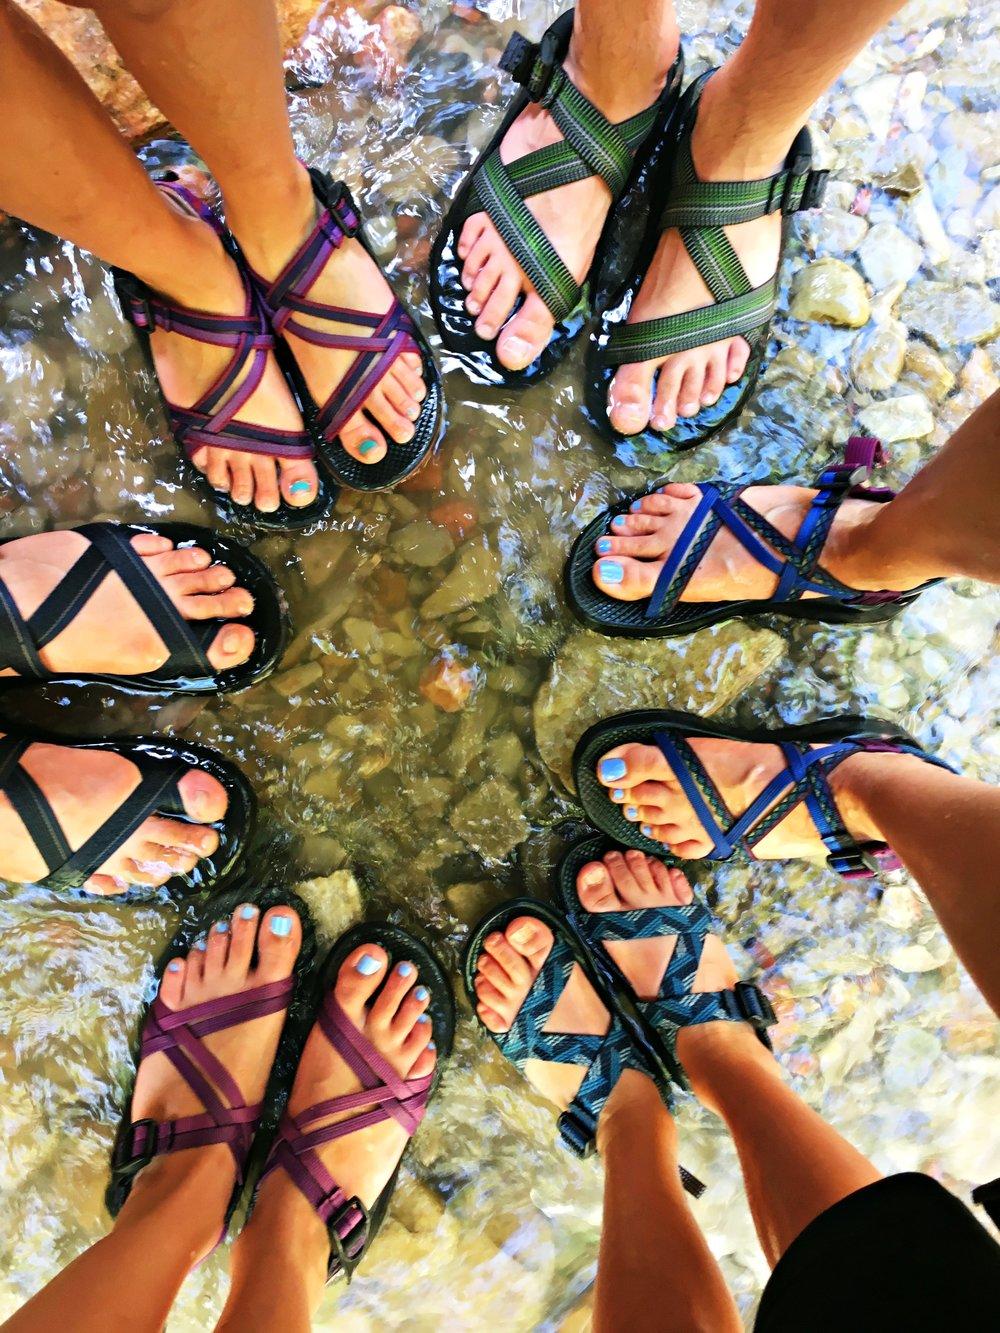 Wear chacos water sandals hiking Kanarraville Falls Utah